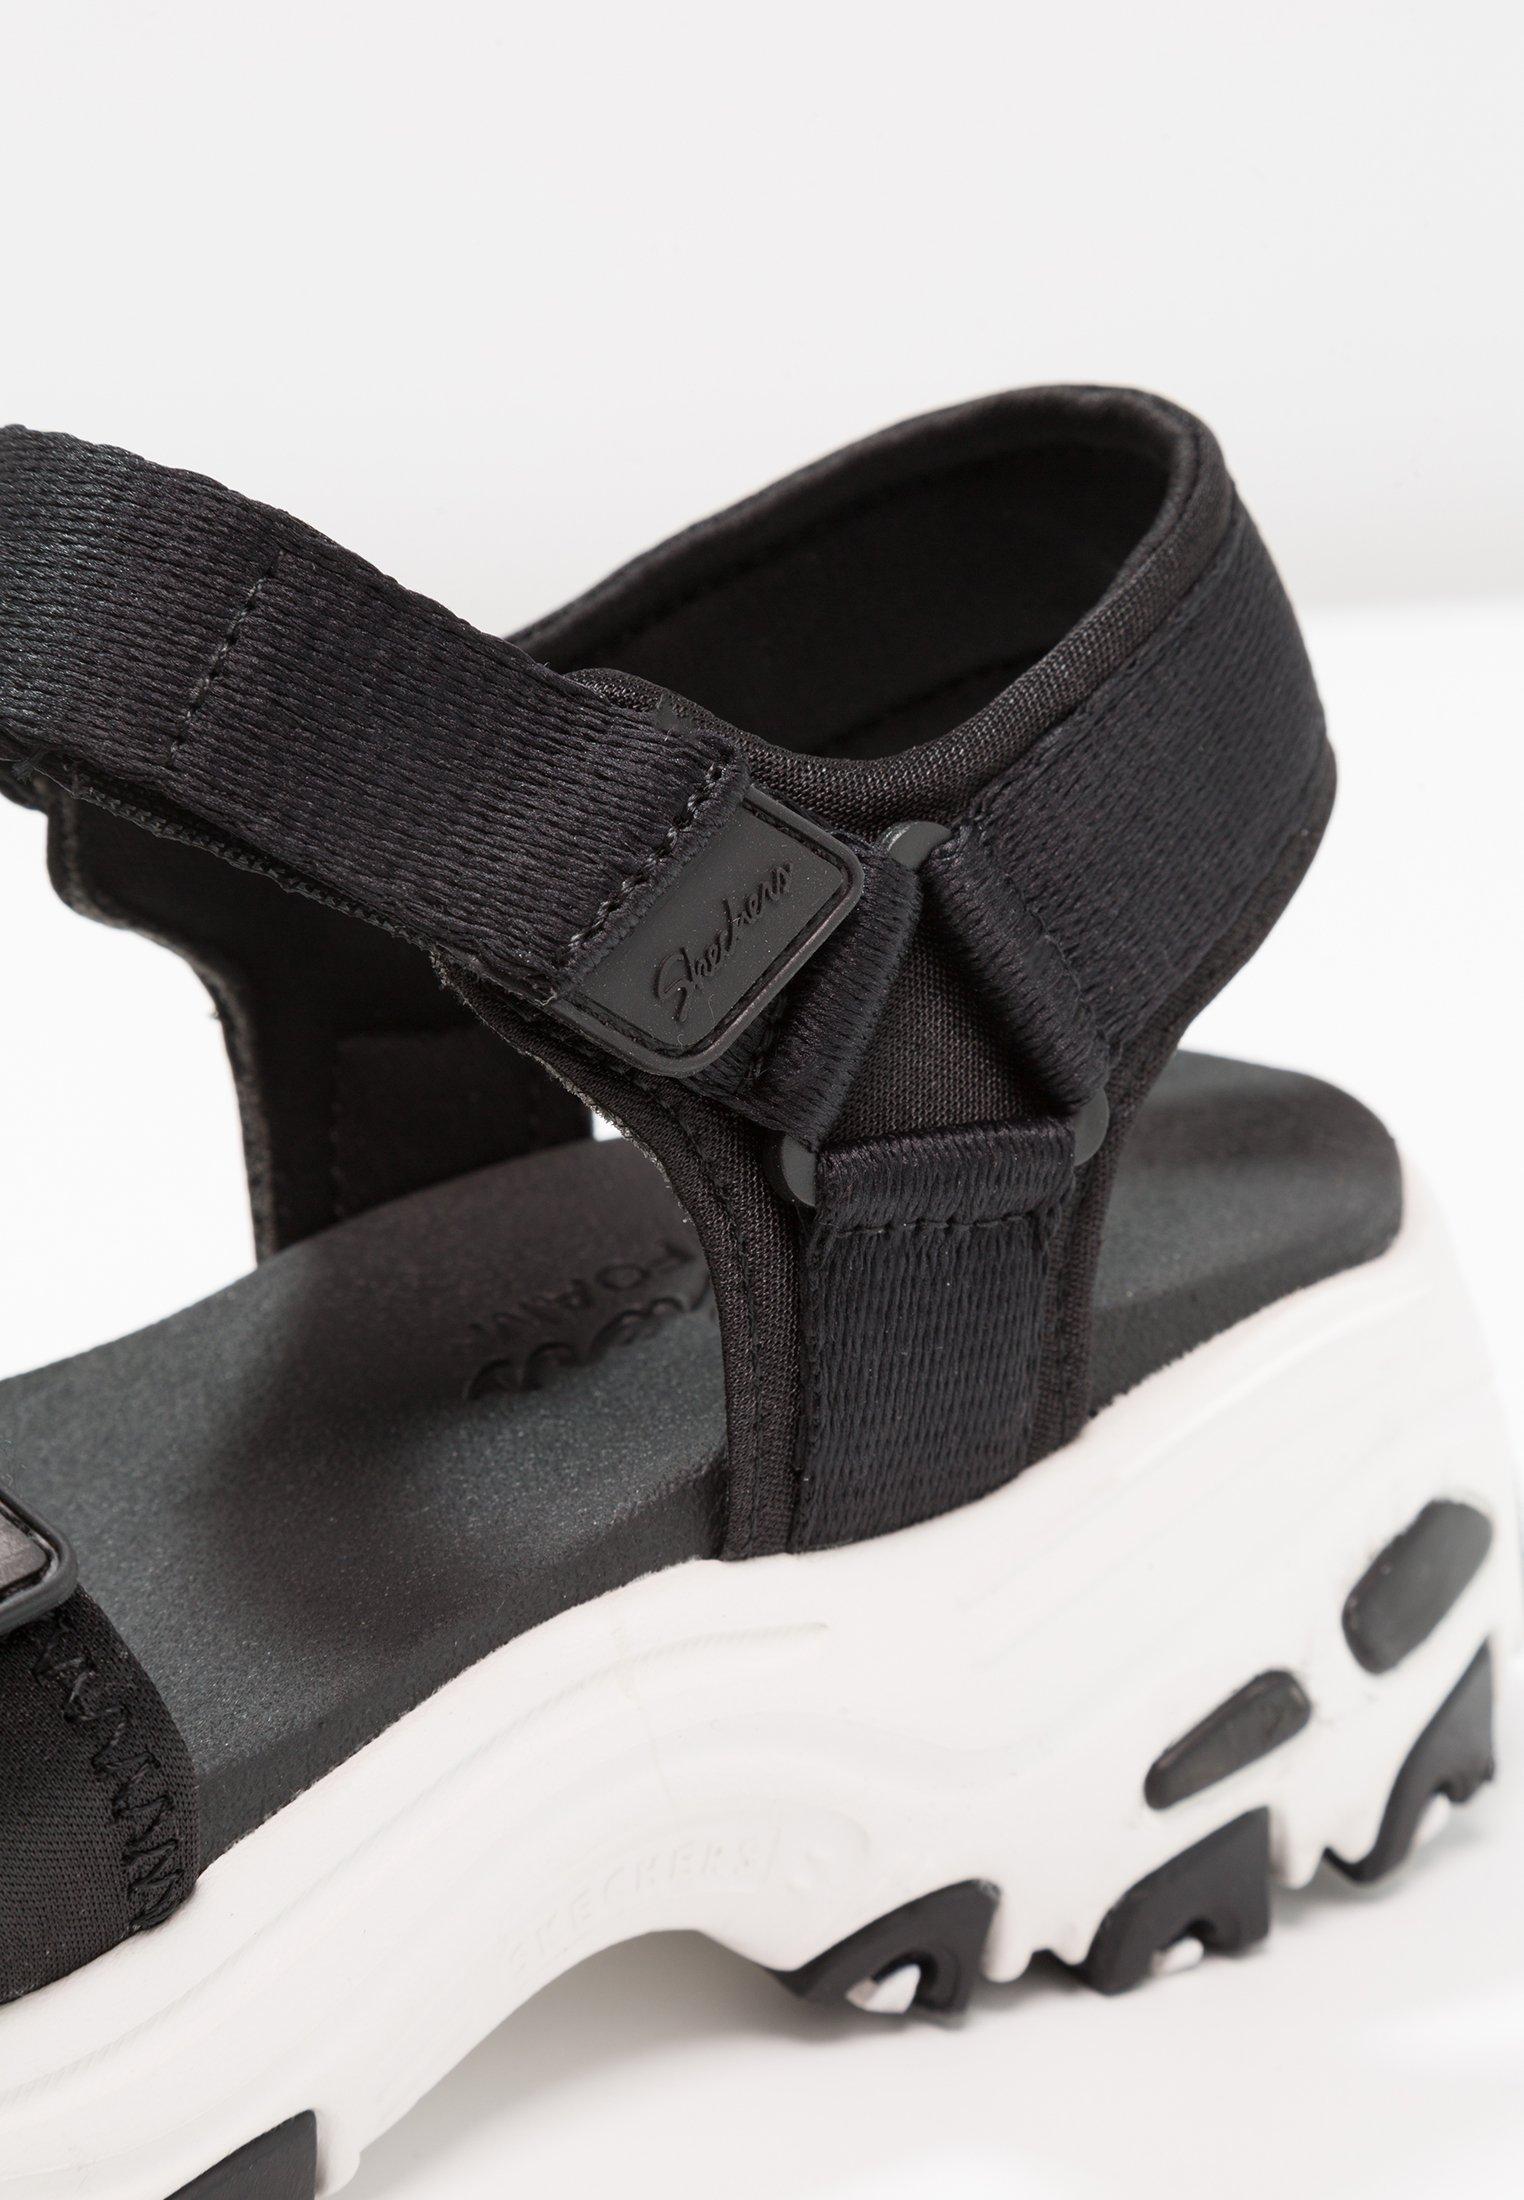 Skechers Sport D'lites - Vandringssandaler Black